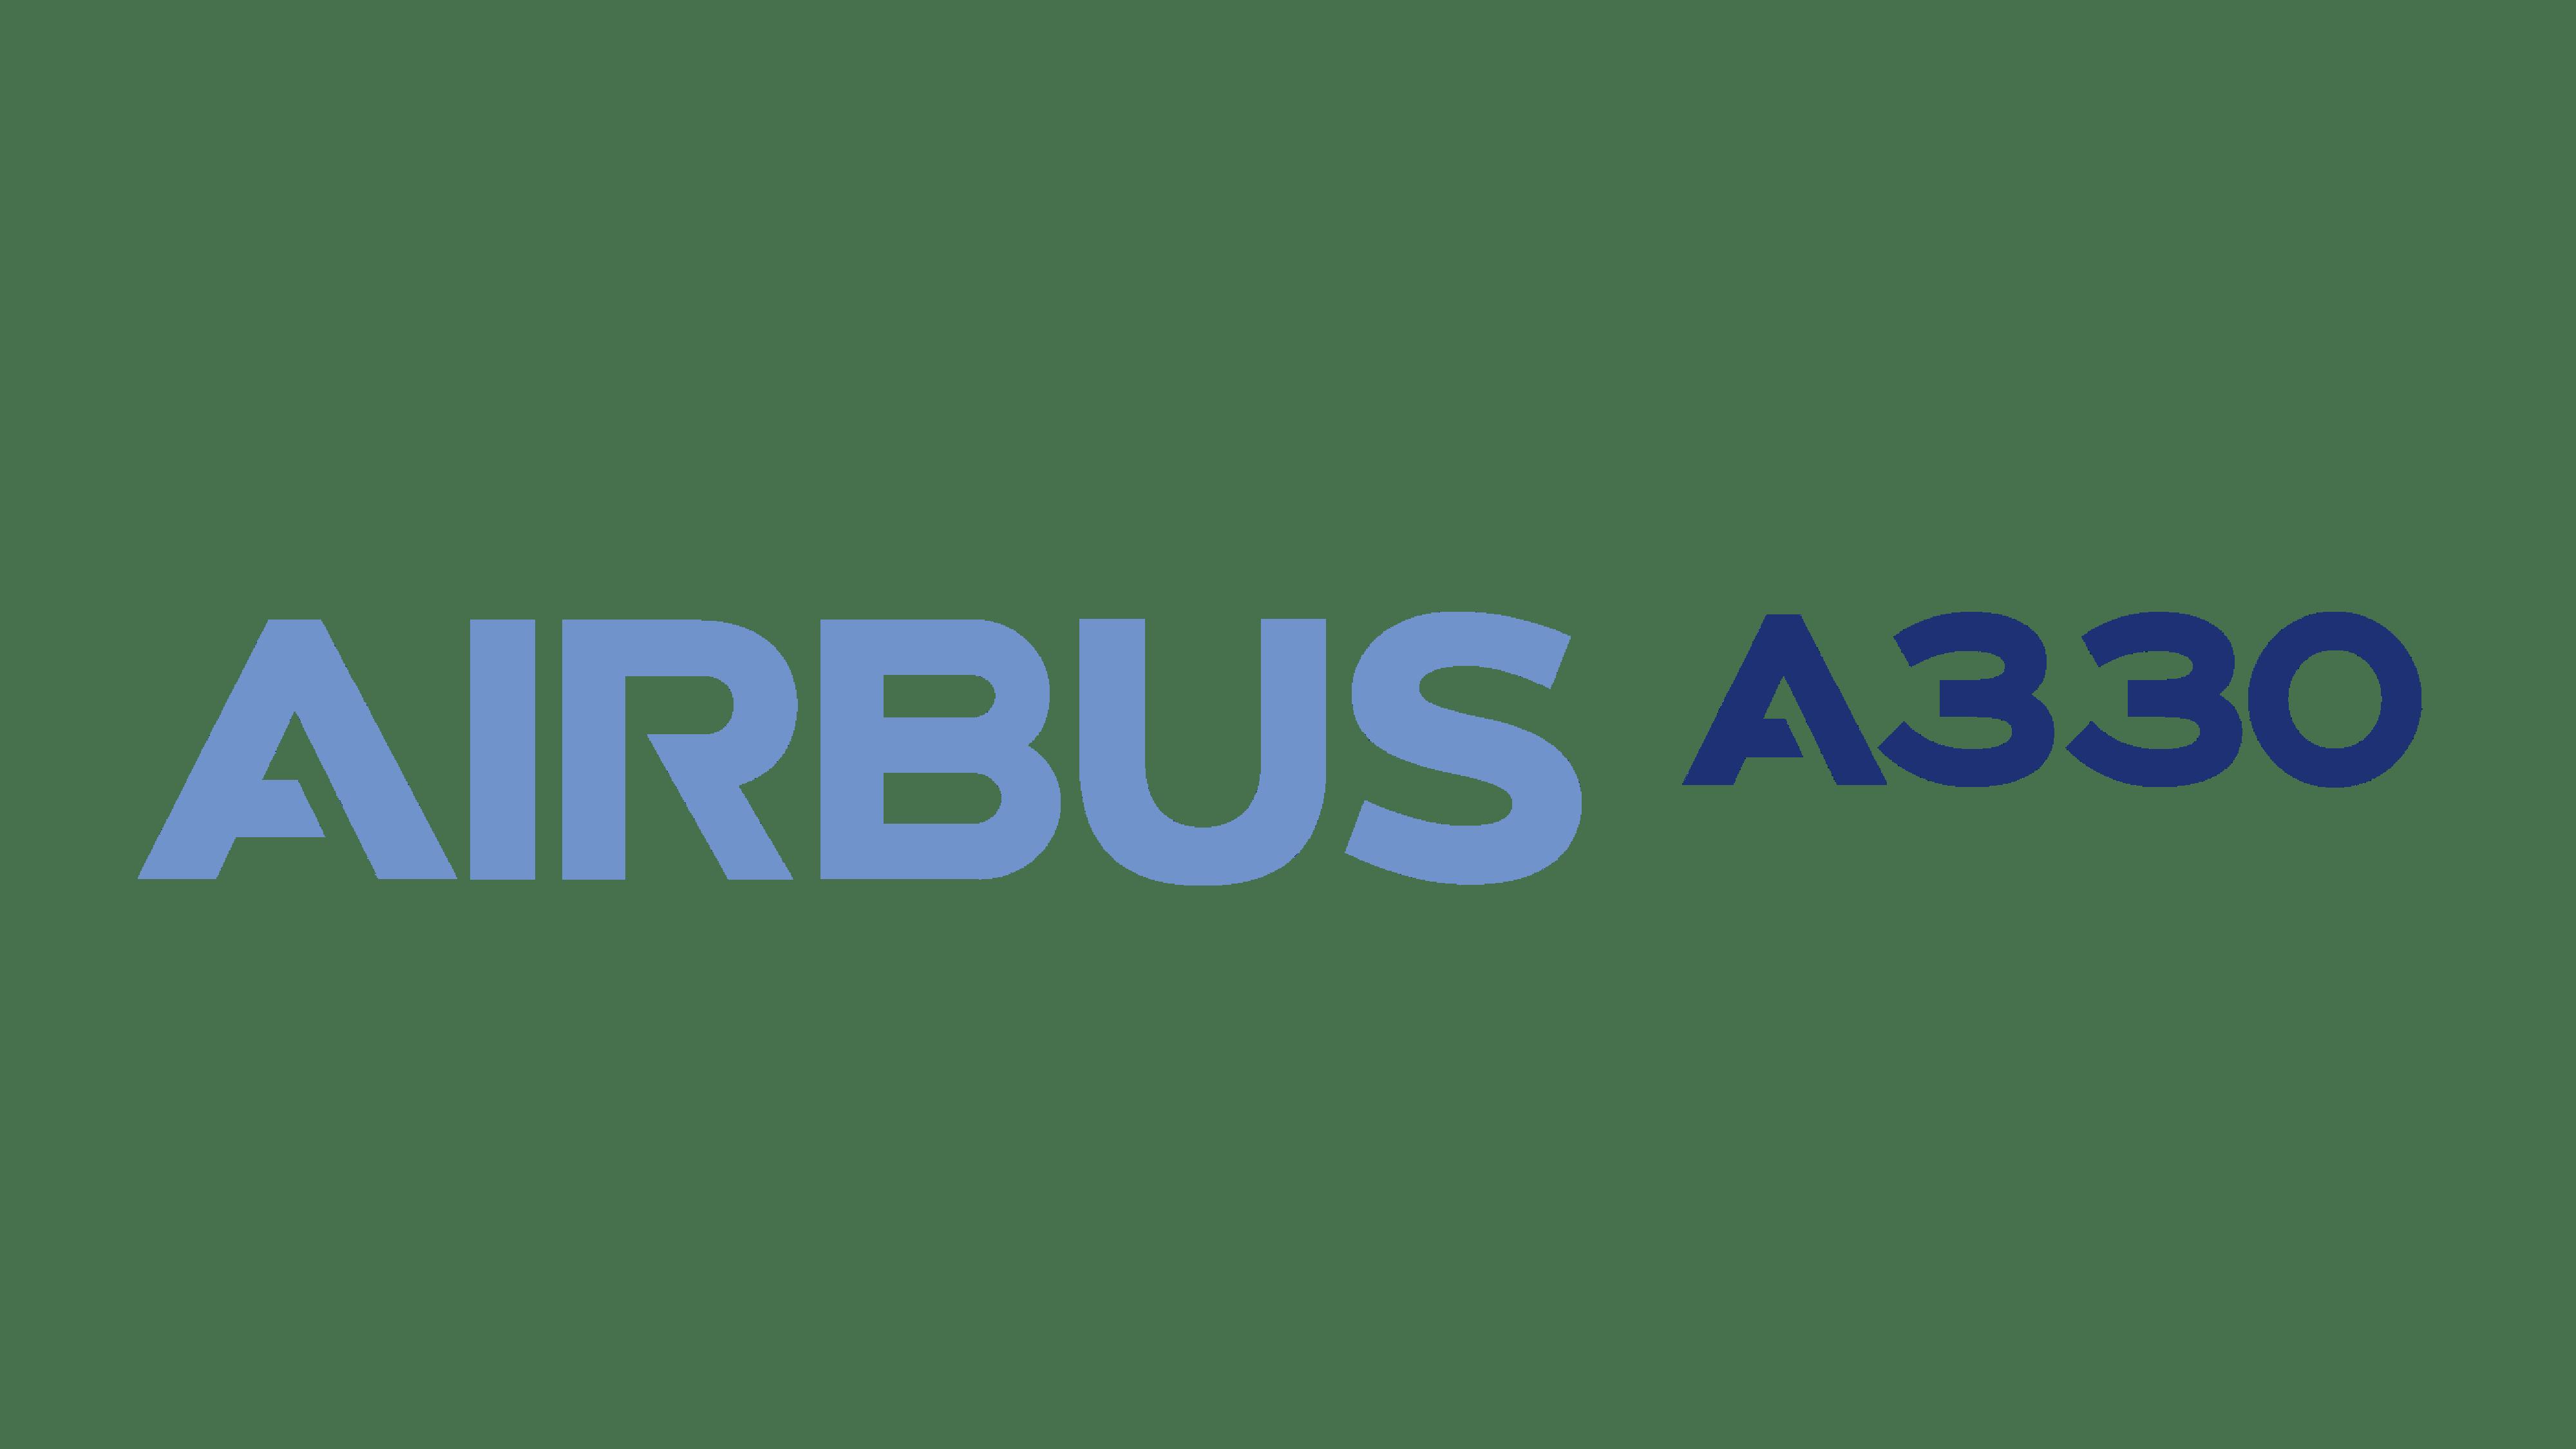 A330 Logo Logo